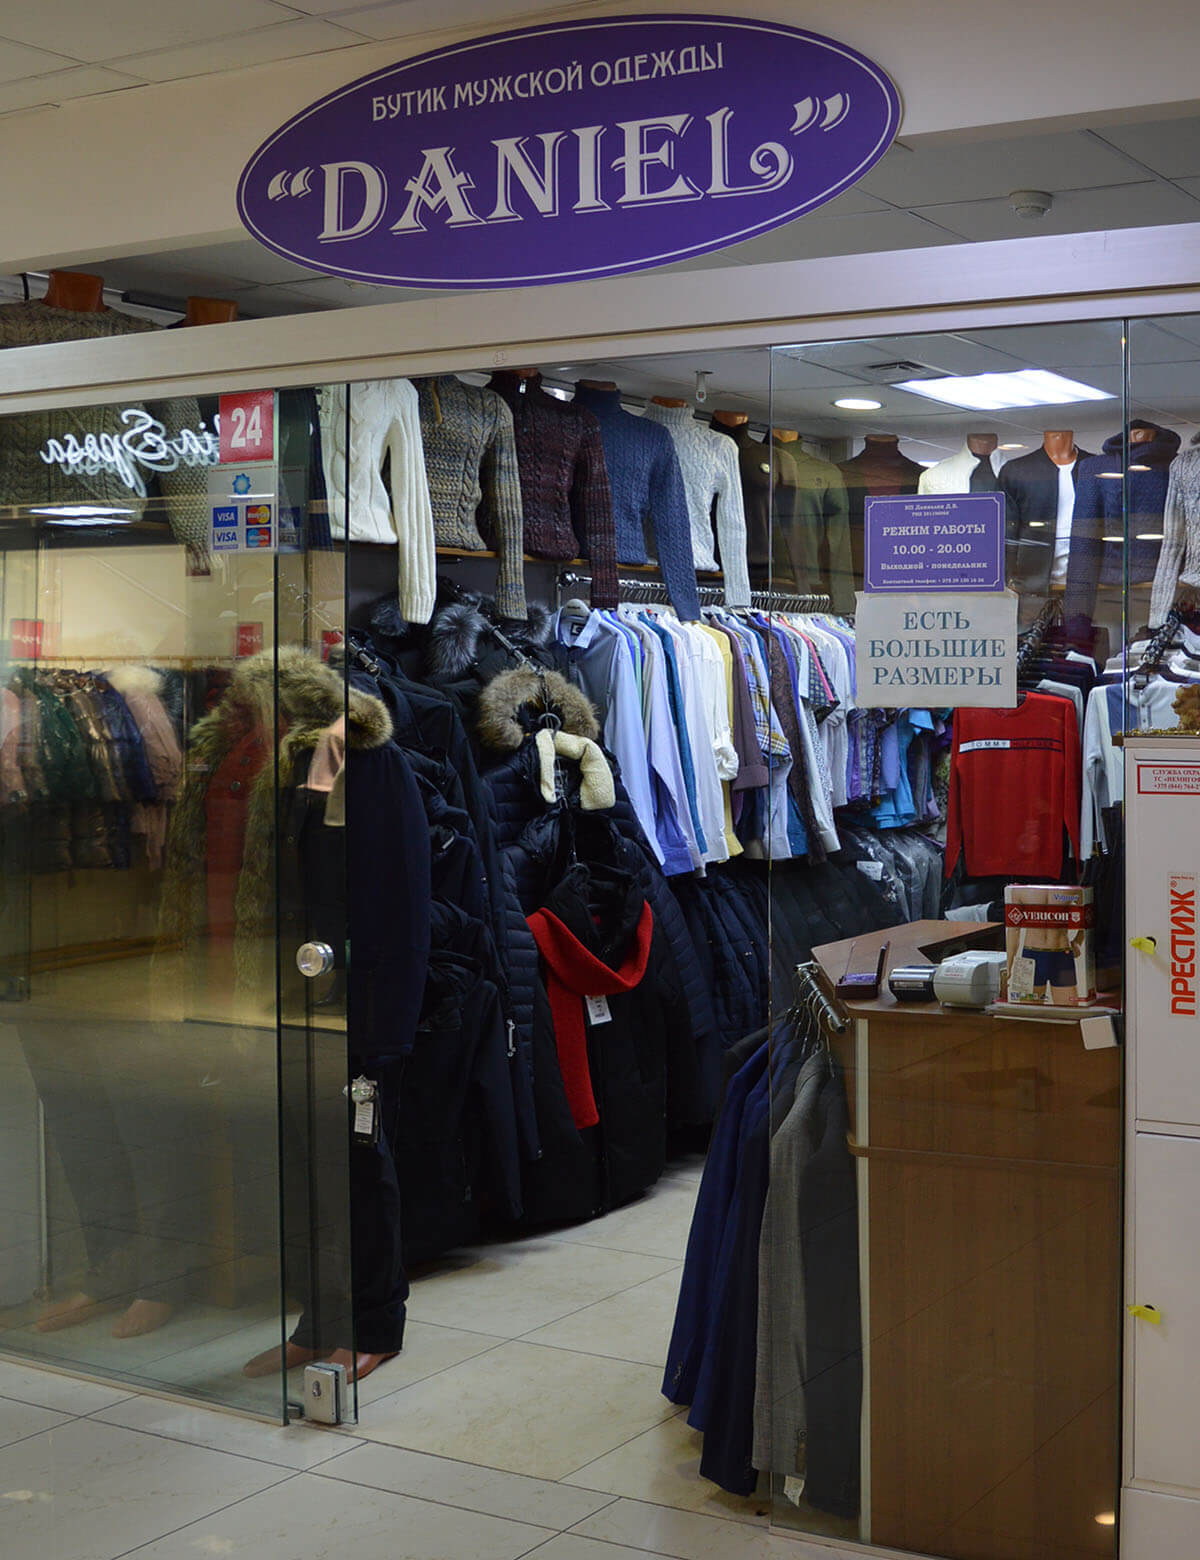 «Daniel» - бутик мужской одежды на 1-м этаже в павильоне №24 Торгового Центра «Немига 3»